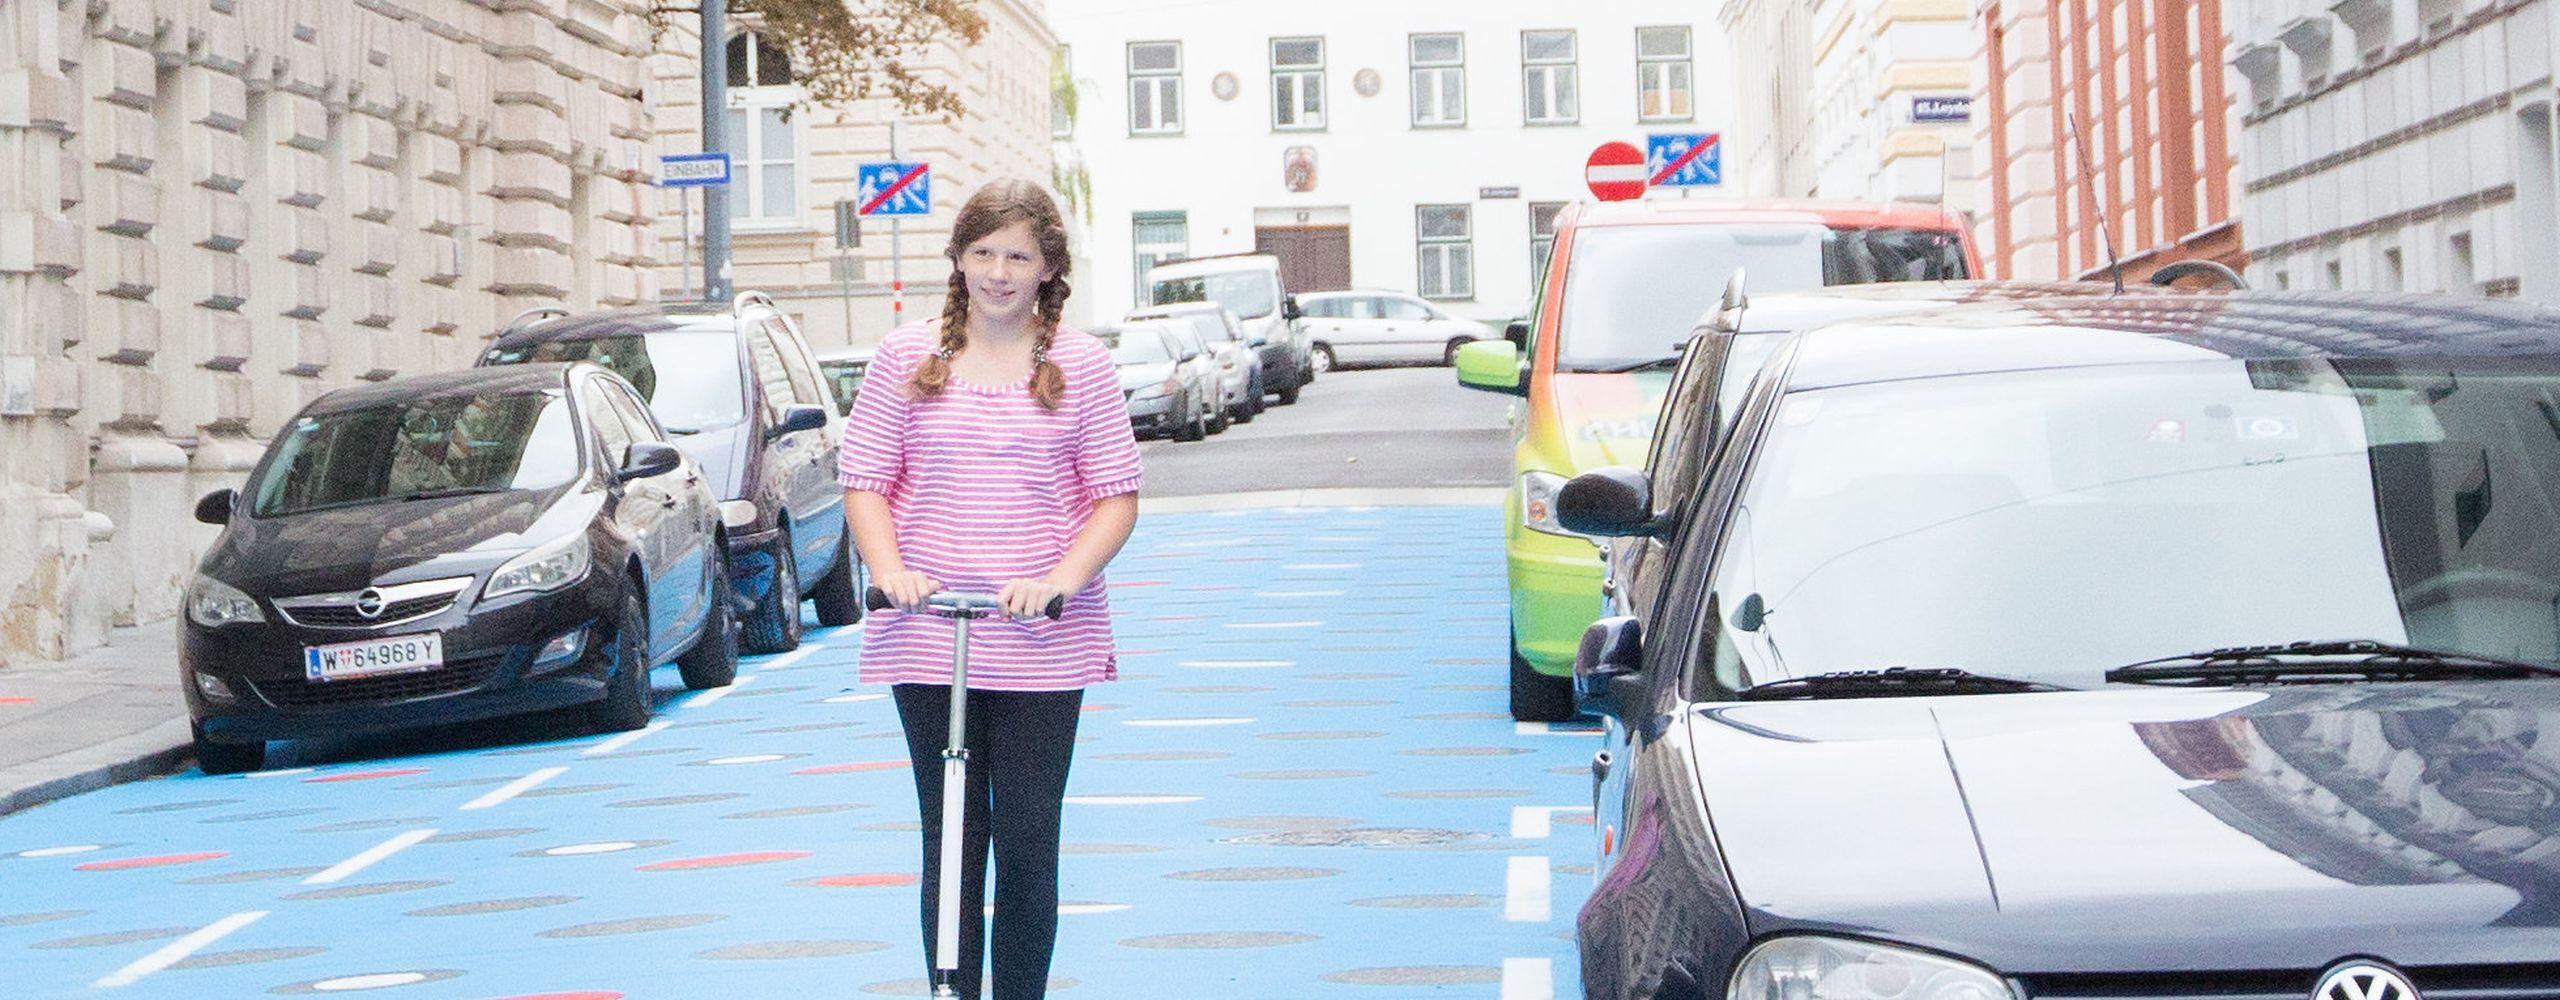 Die Wohnstraße in der Staglgasse im 15. Bezirk ist seit diesem Jahr bunt bemalt - blau mit roten und weißen Punkten. So wird darauf aufmerksam gemacht, dass Wohnstraßen für den Aufenthalt von Menschen und nicht zum Durchfahren von Autos gedacht sind. Foto: Allisar Najjar